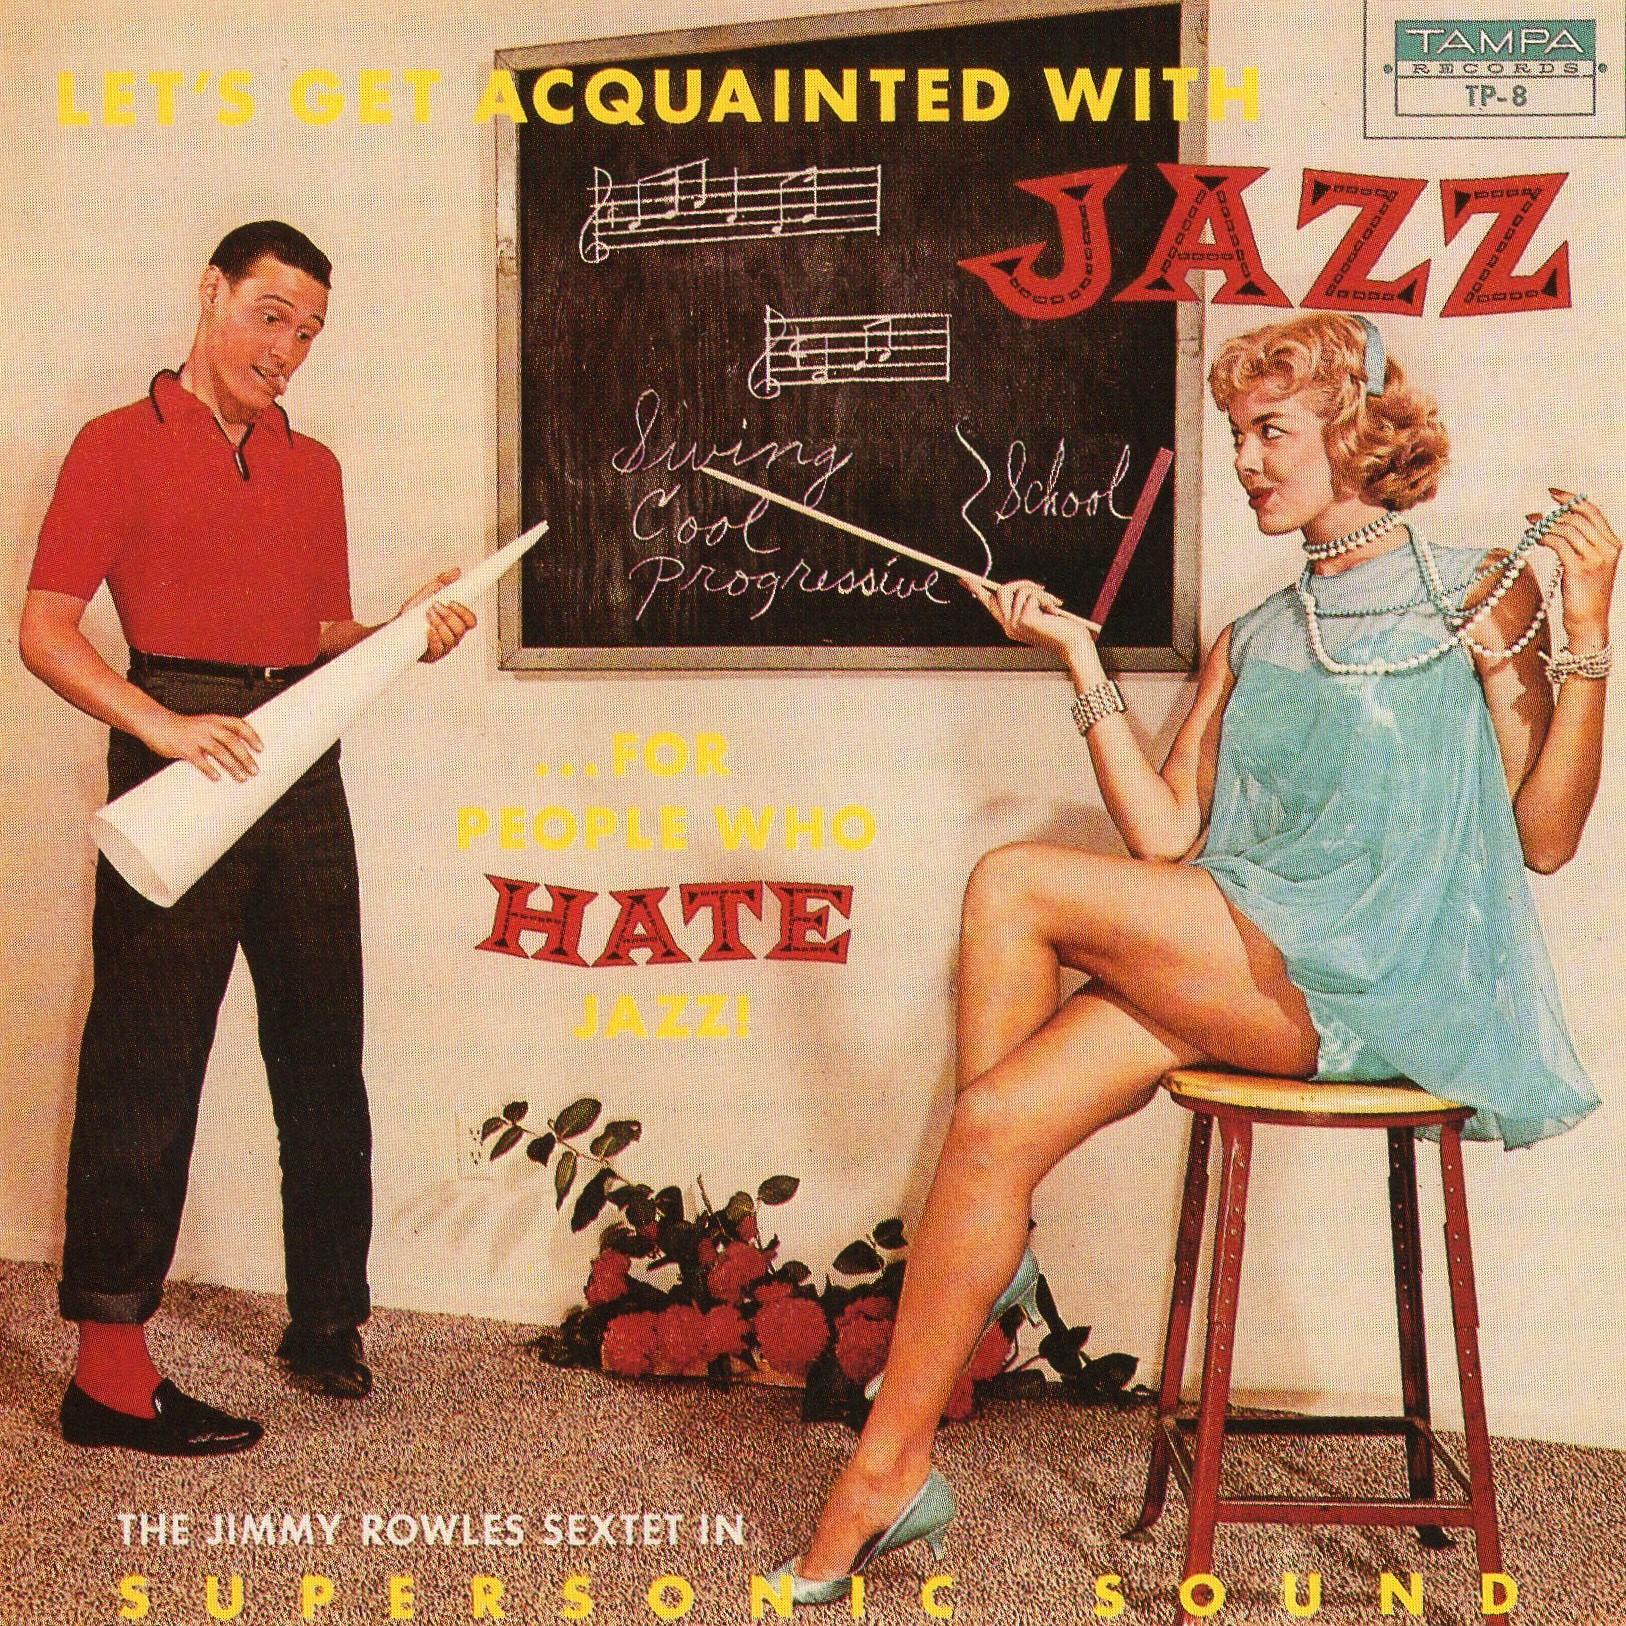 """Dans cette fin des années 50, les auteurs de design s'en donne à cœur joie. L'auteur de cette pochade est Bud Costello. Le cinéma connaît encore la censure mais pas le jazz. Dans des limites strictes. Une pochette qui aurait pu faire scandale en 1957 même si elle apparaît bien banale aujourd'hui. Le jeune homme se tient comme Jerry Lewis dans ses films avec Dean Martin. Il a retiré son bonnet d'âne. Il ne saura rien du jazz. Le tableau lui est interdit.  Le titre est d'une ironie amère : """"Pour ceux qui haïssent le jazz""""... Le début """"Let's get acquainted with Jazz"""" joue sur les sens du terme """"Jazz"""". Le regard du mec ne laisse aucun doute sur ses intentions..."""